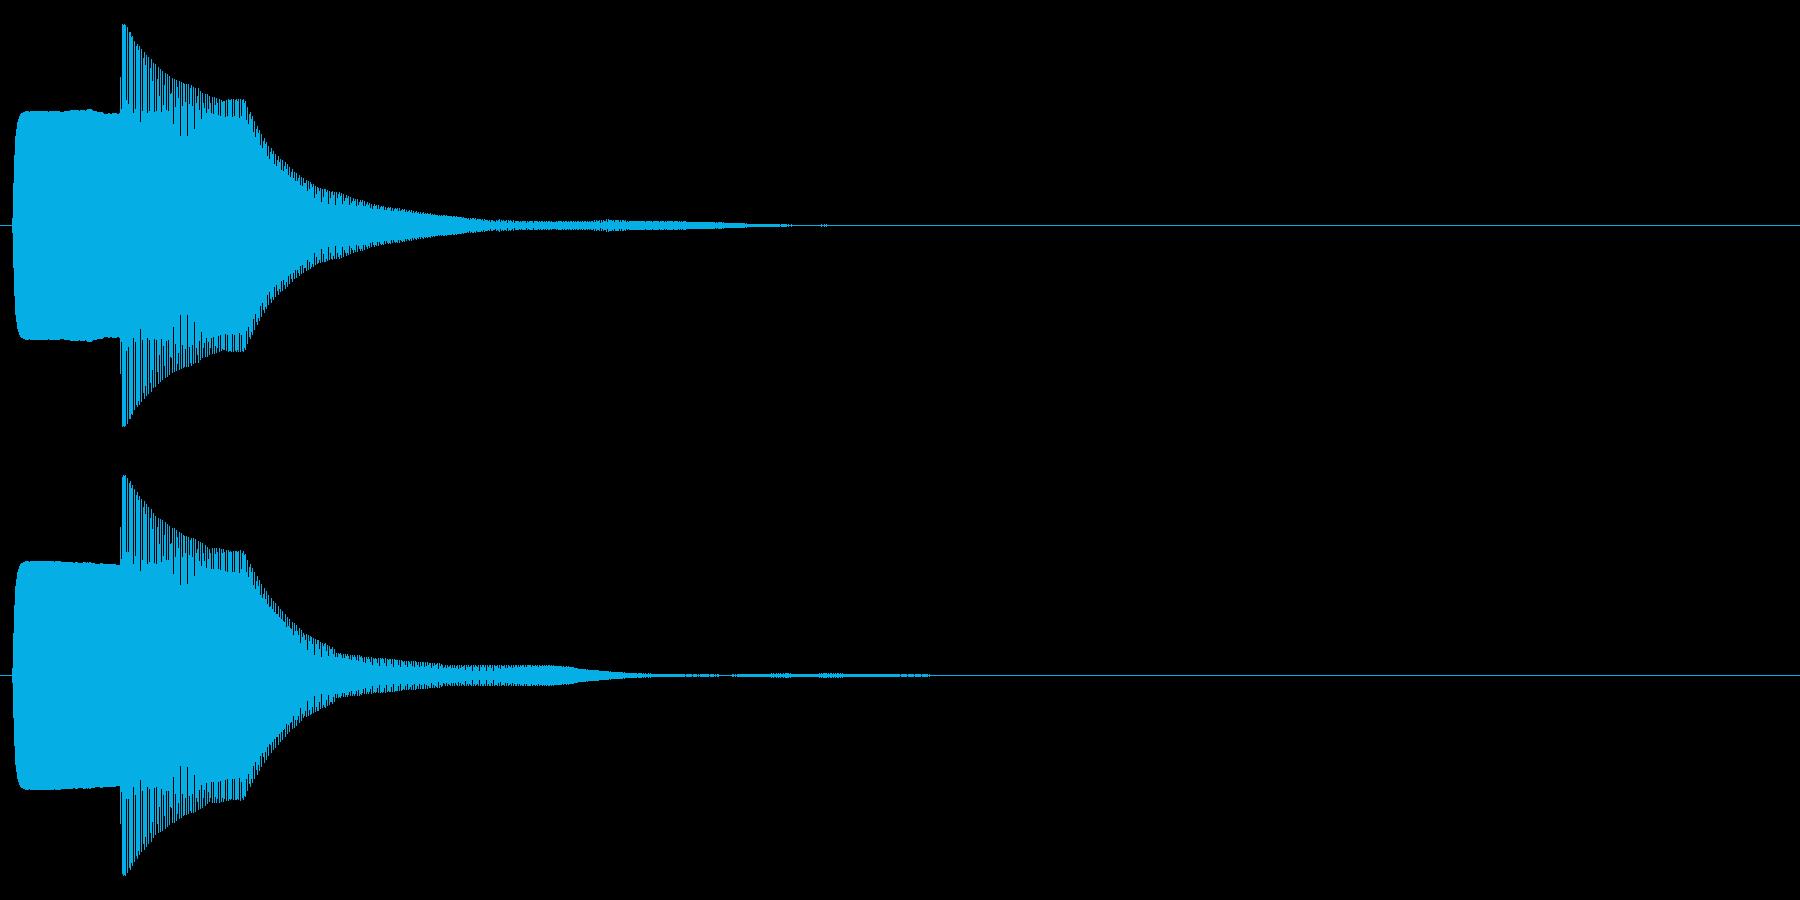 ピコン(キャンセル,終了,停止)_05の再生済みの波形